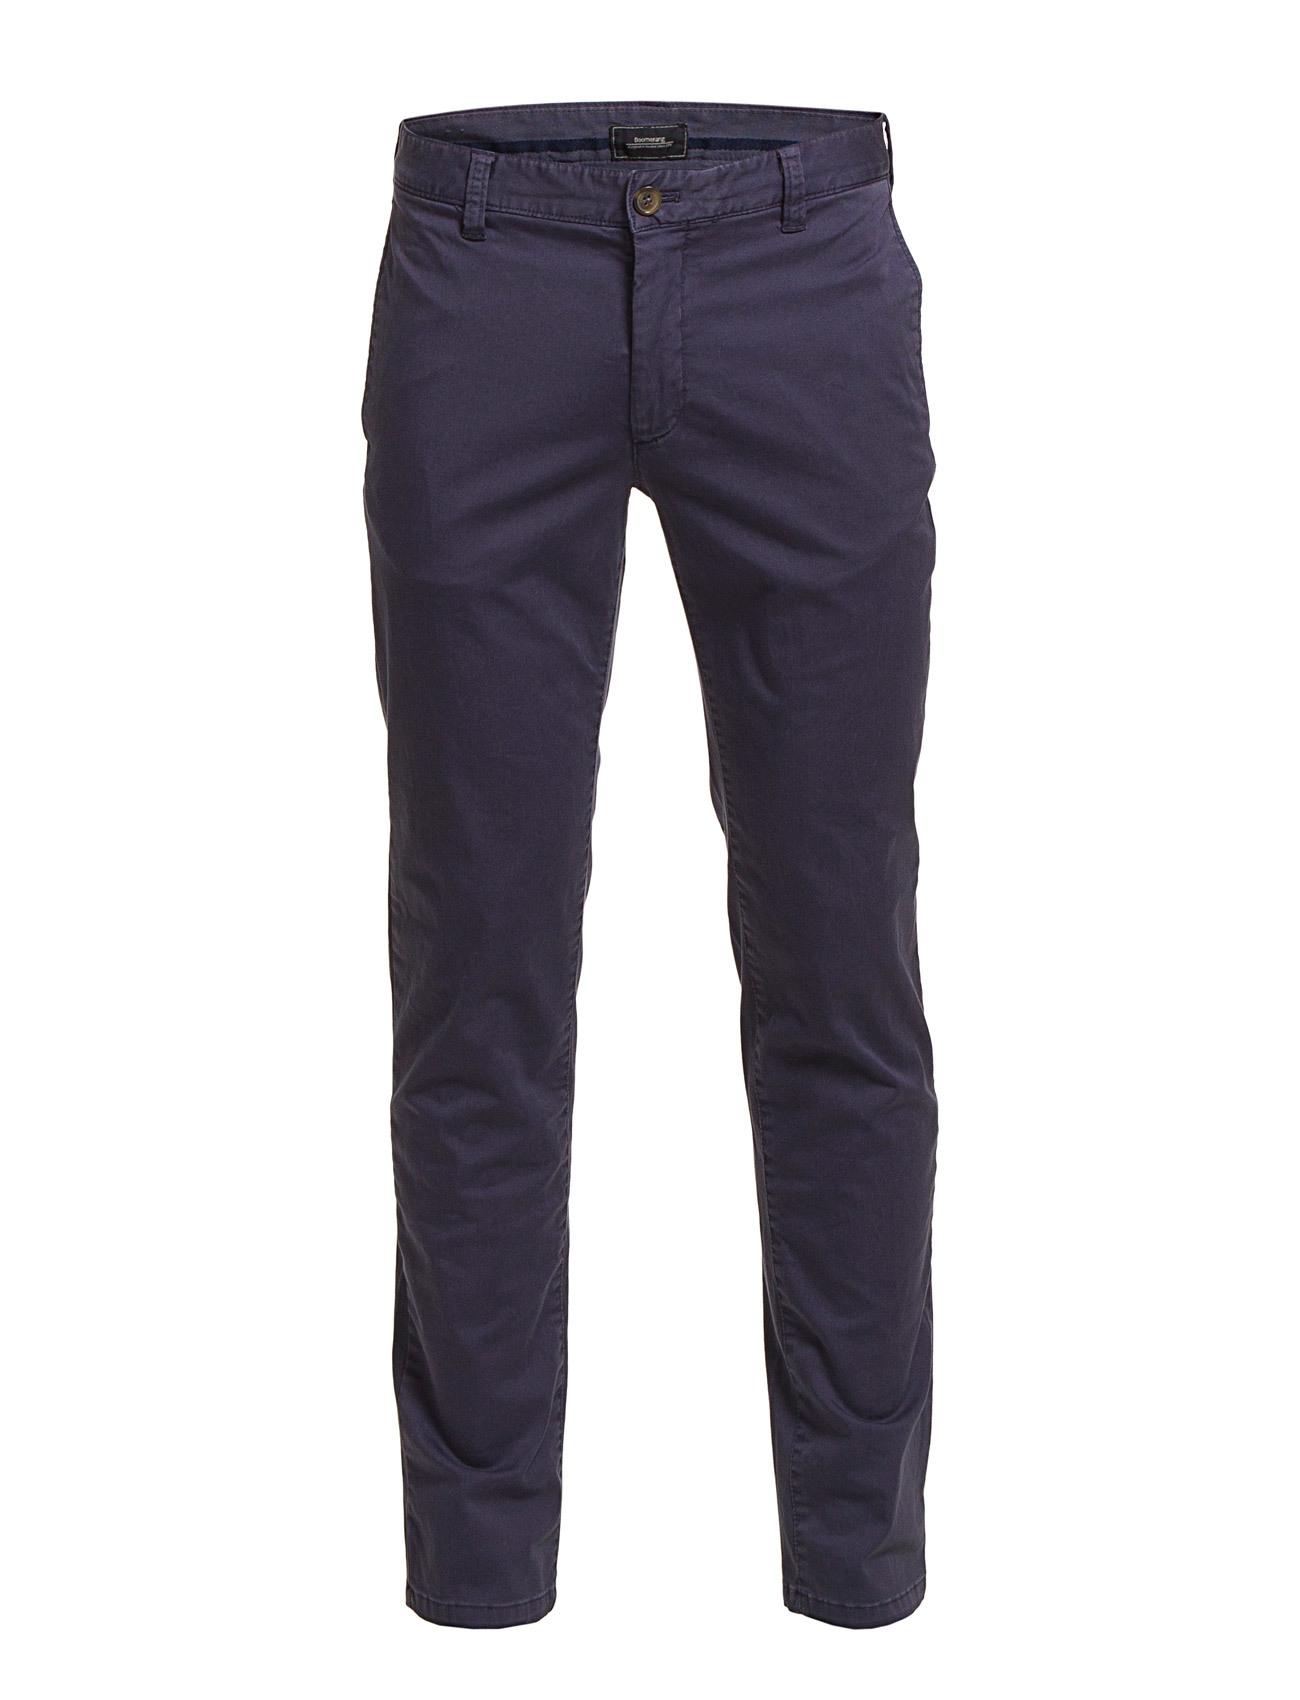 Trouser Steve Chino